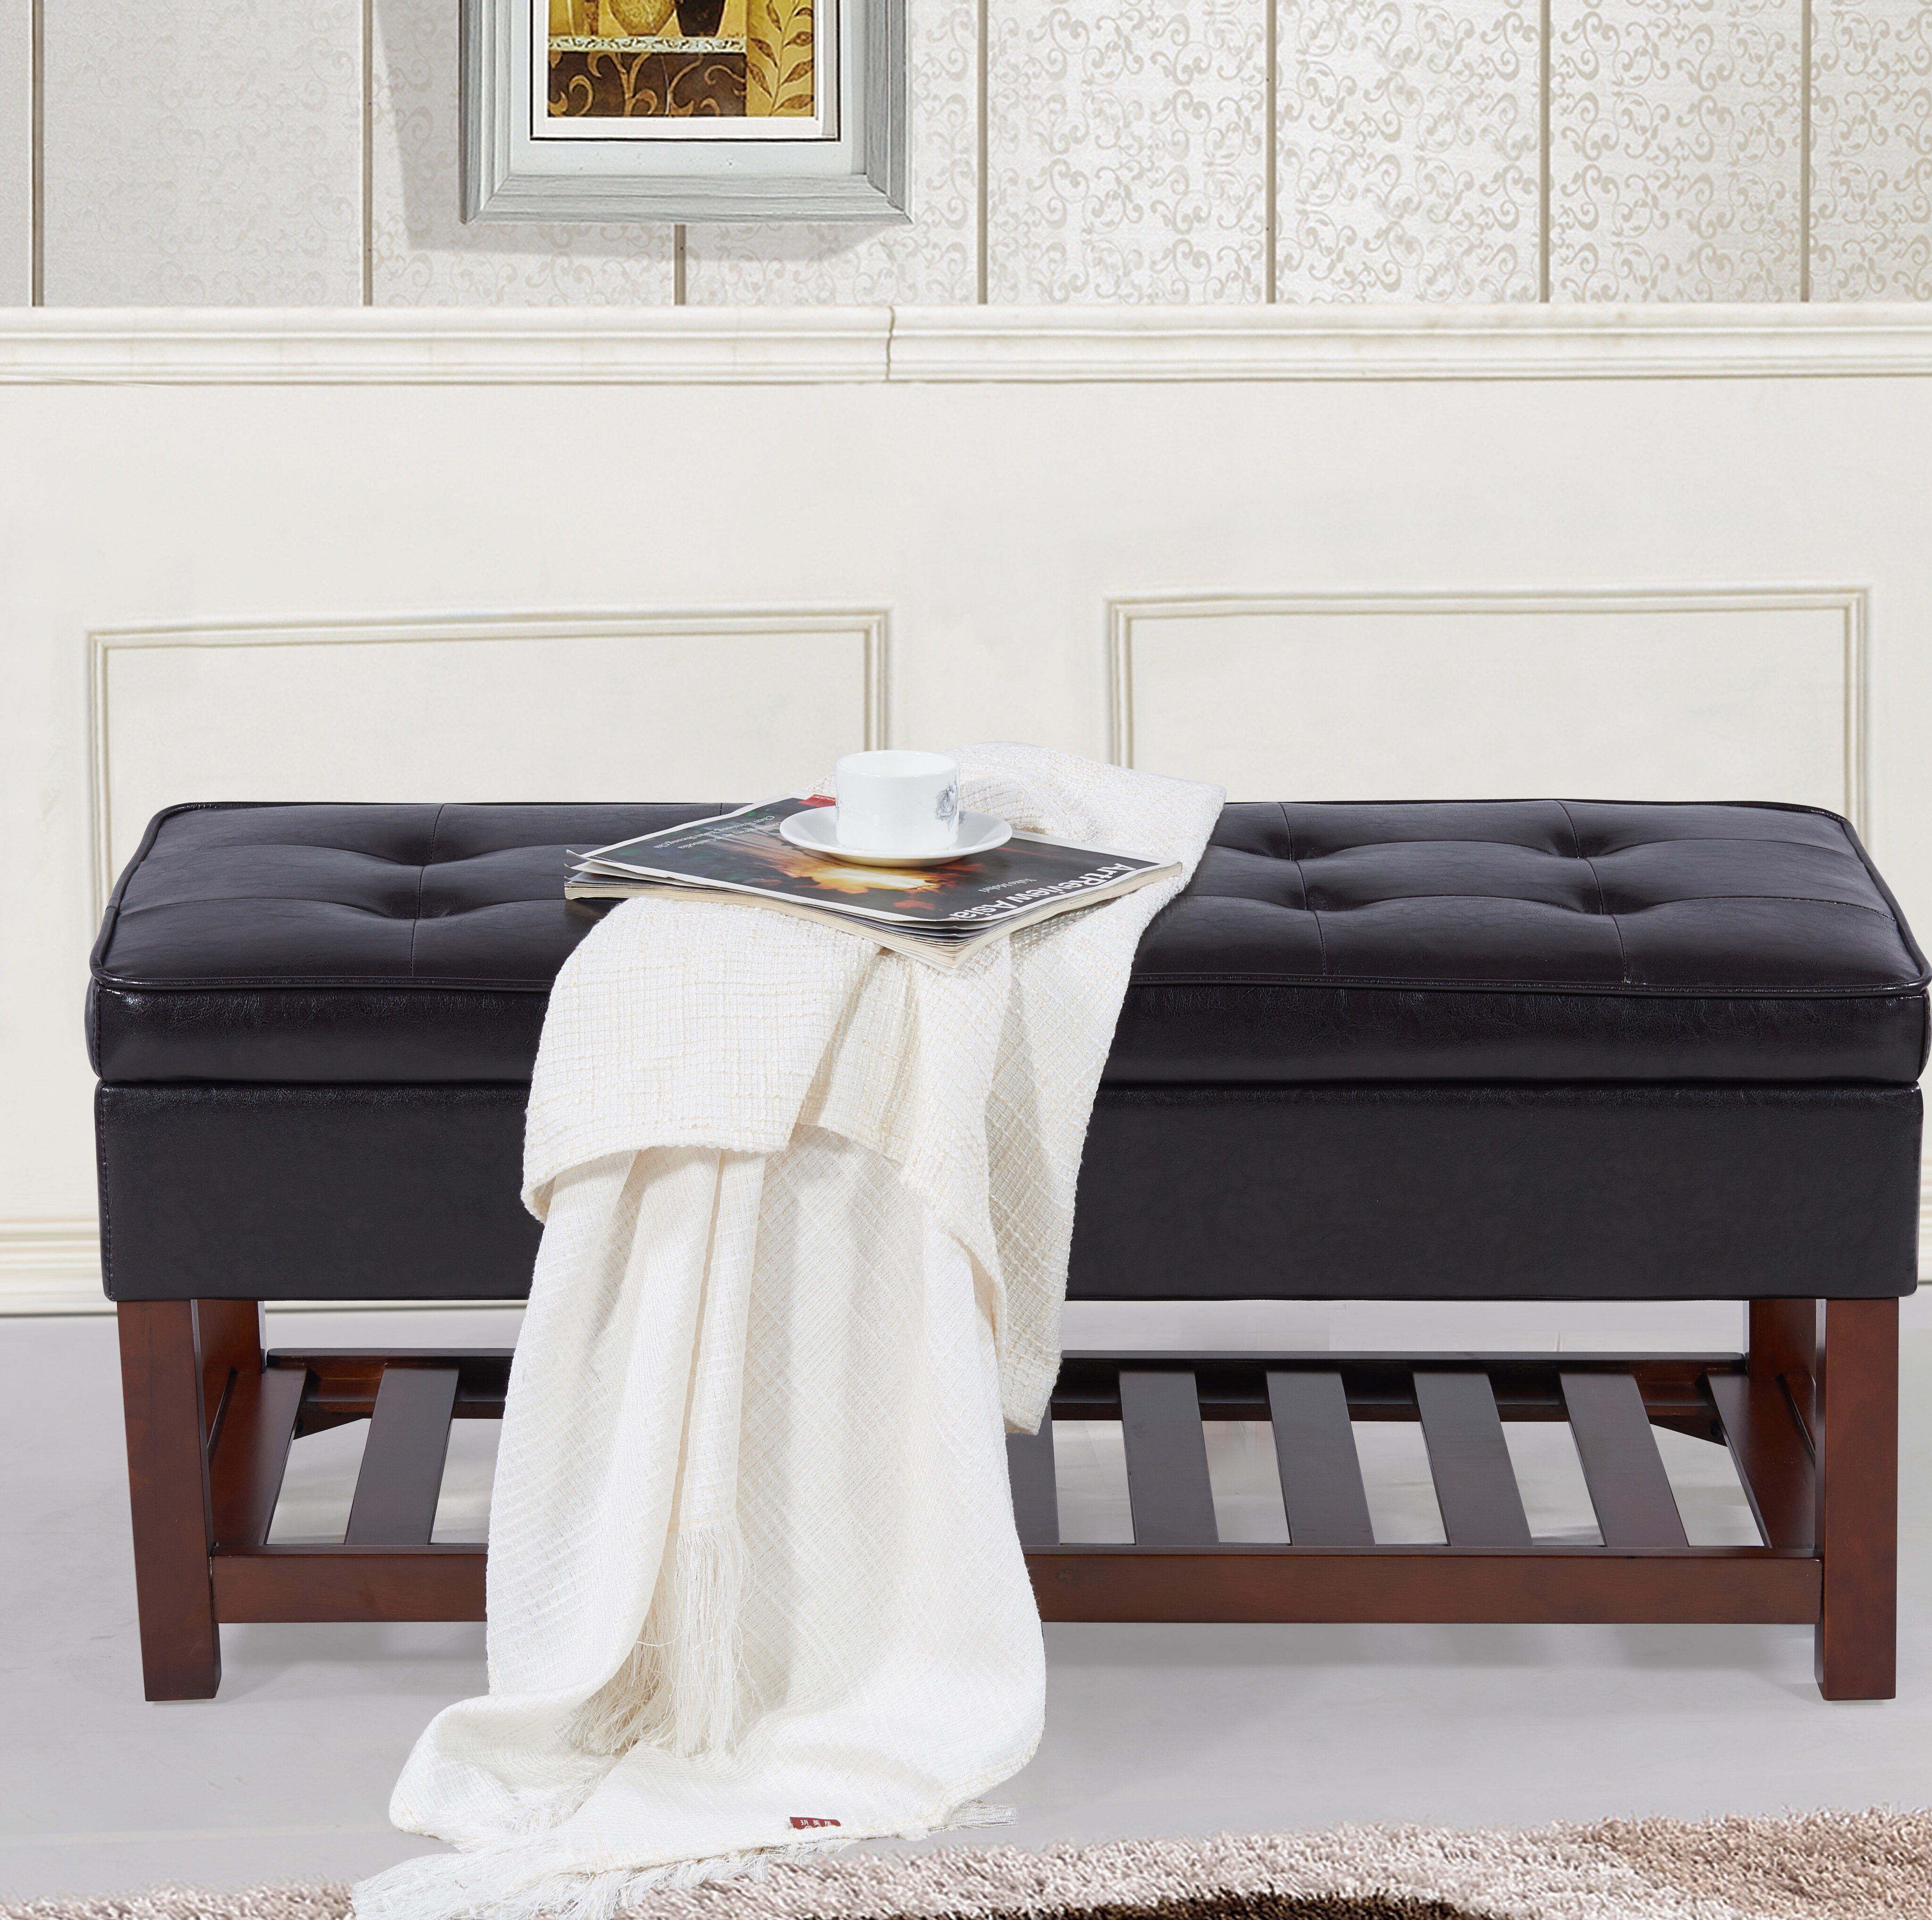 Ketter Upholstered Storage Bench